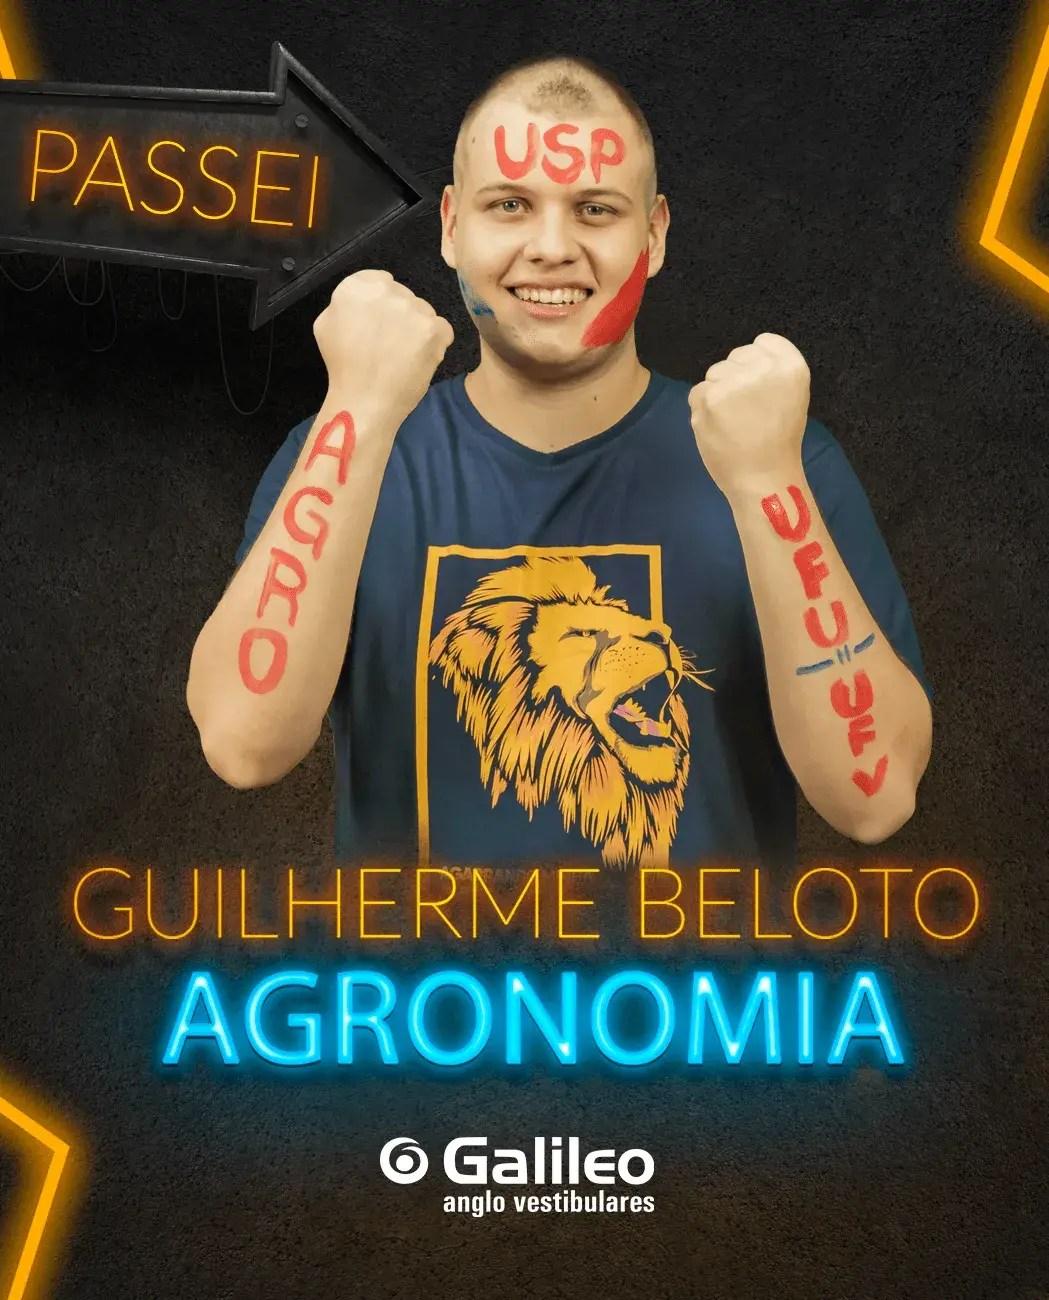 01 - Guilherme Beloto - Agronomia-min